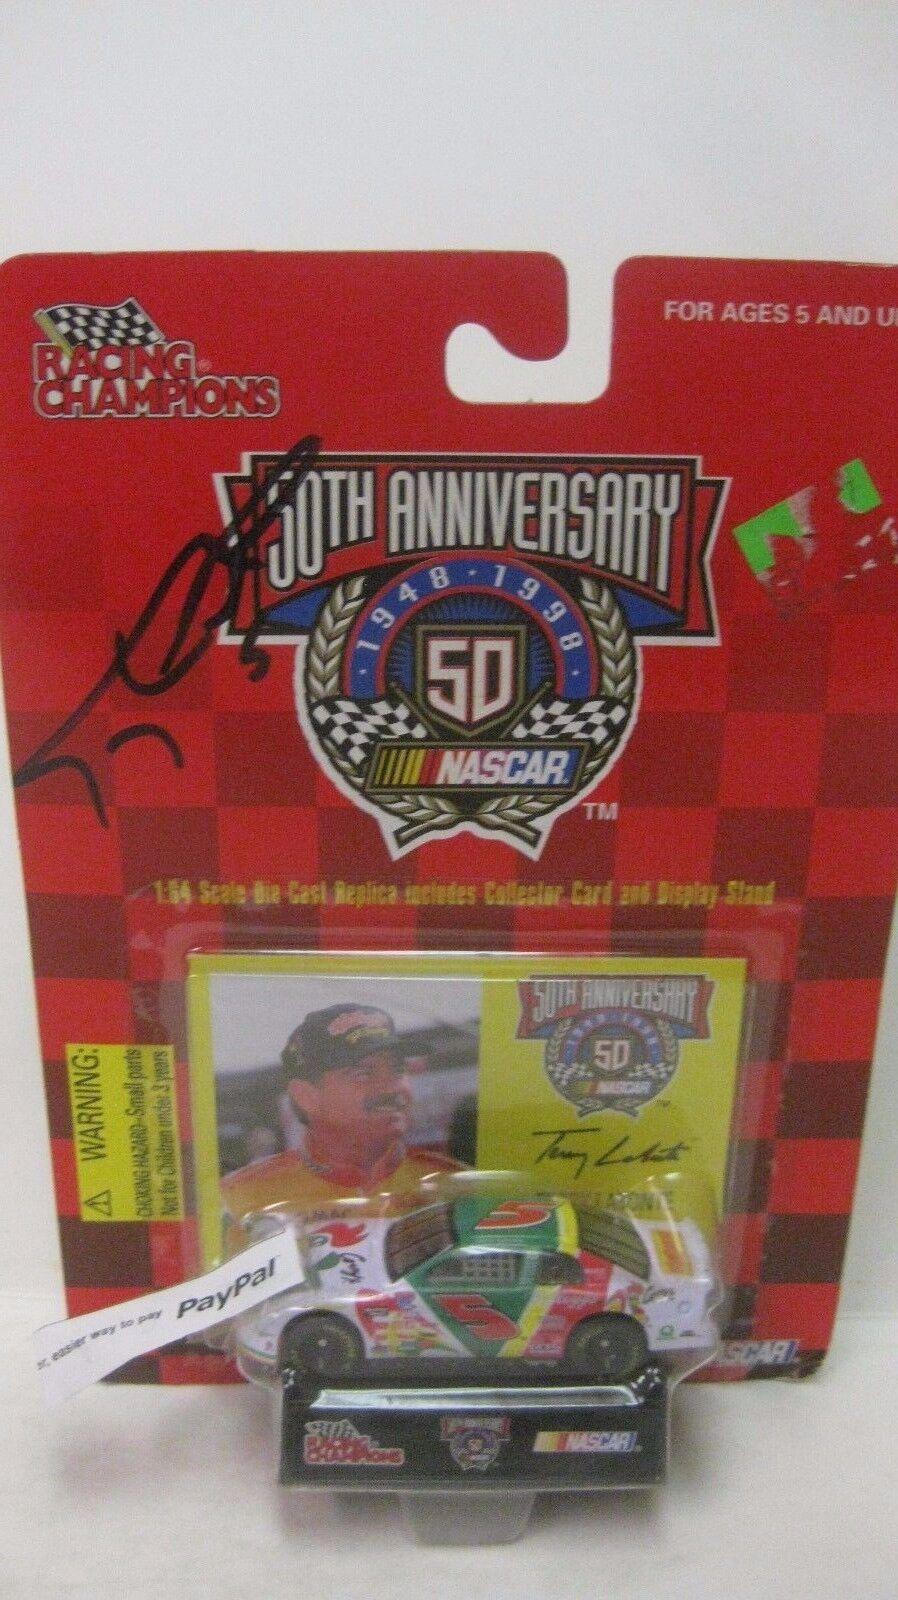 Nascar 50th Anniversario Terry Labonte Autografato Chevy 1 64 Pressofuso Nuovo